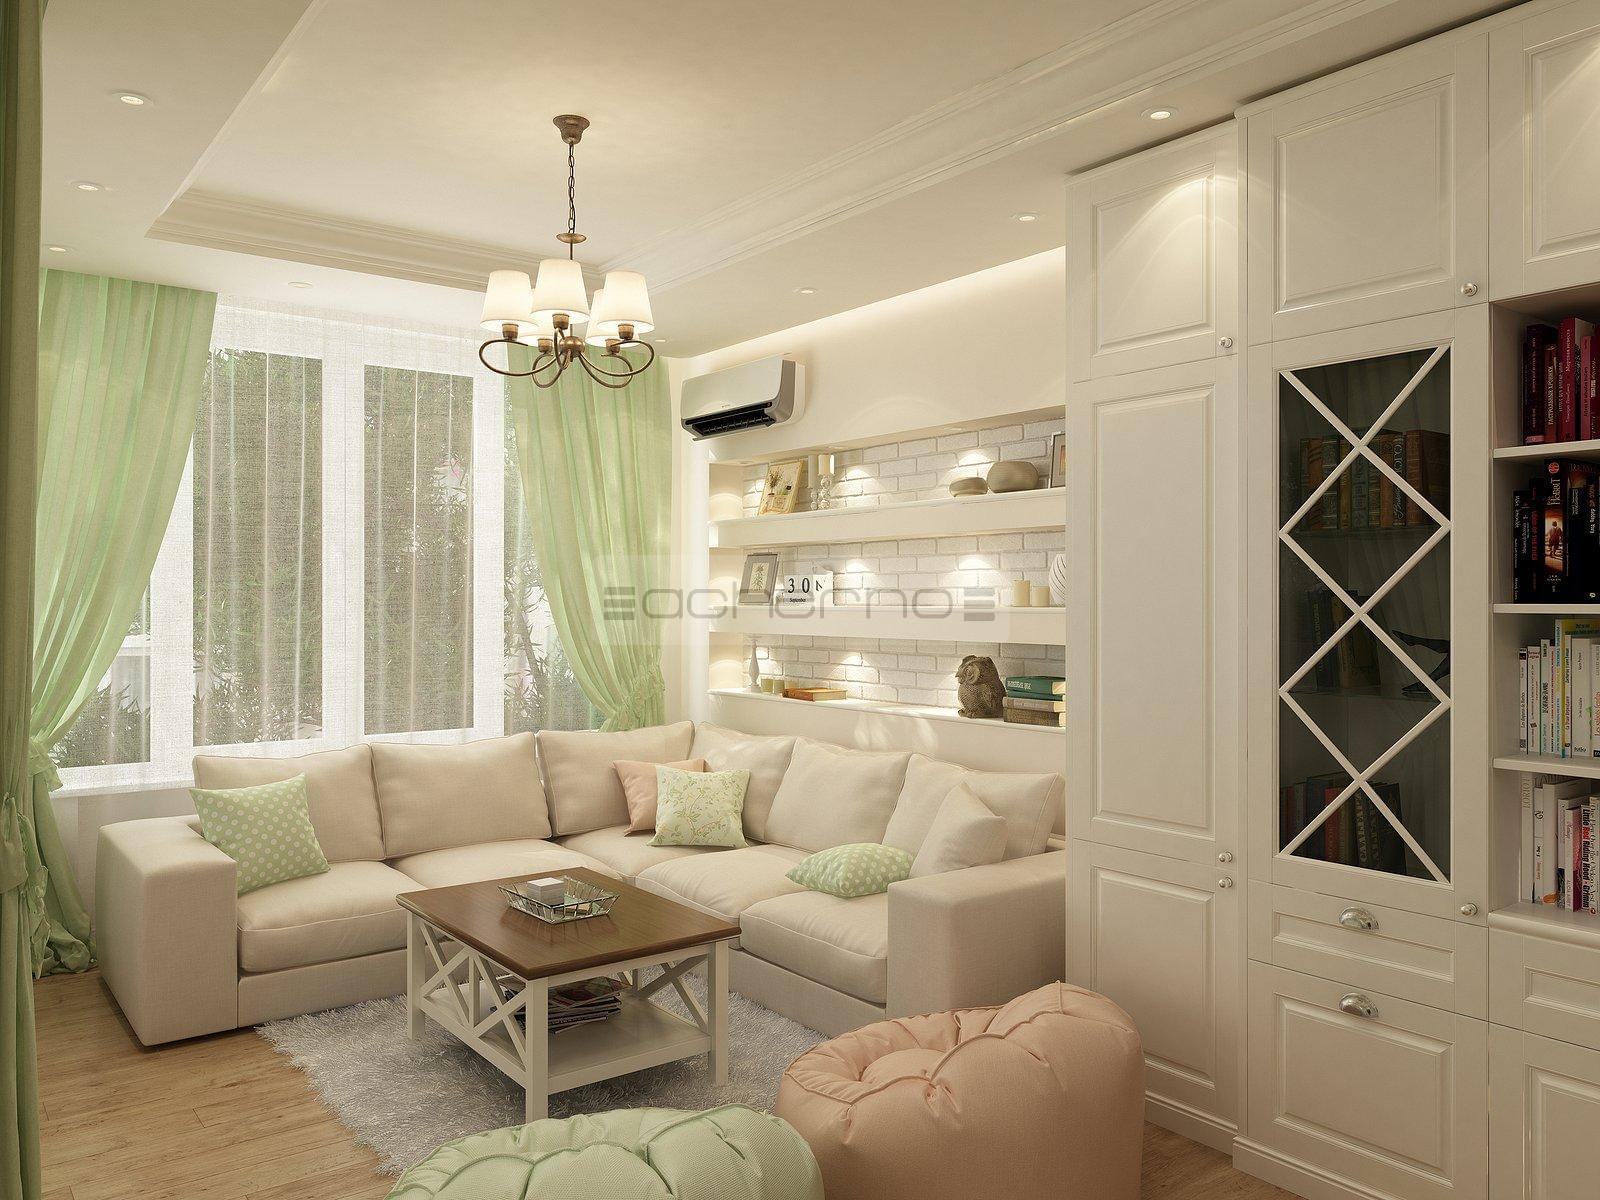 Ideen Klassisches Innendesign. Wohnung Design ...